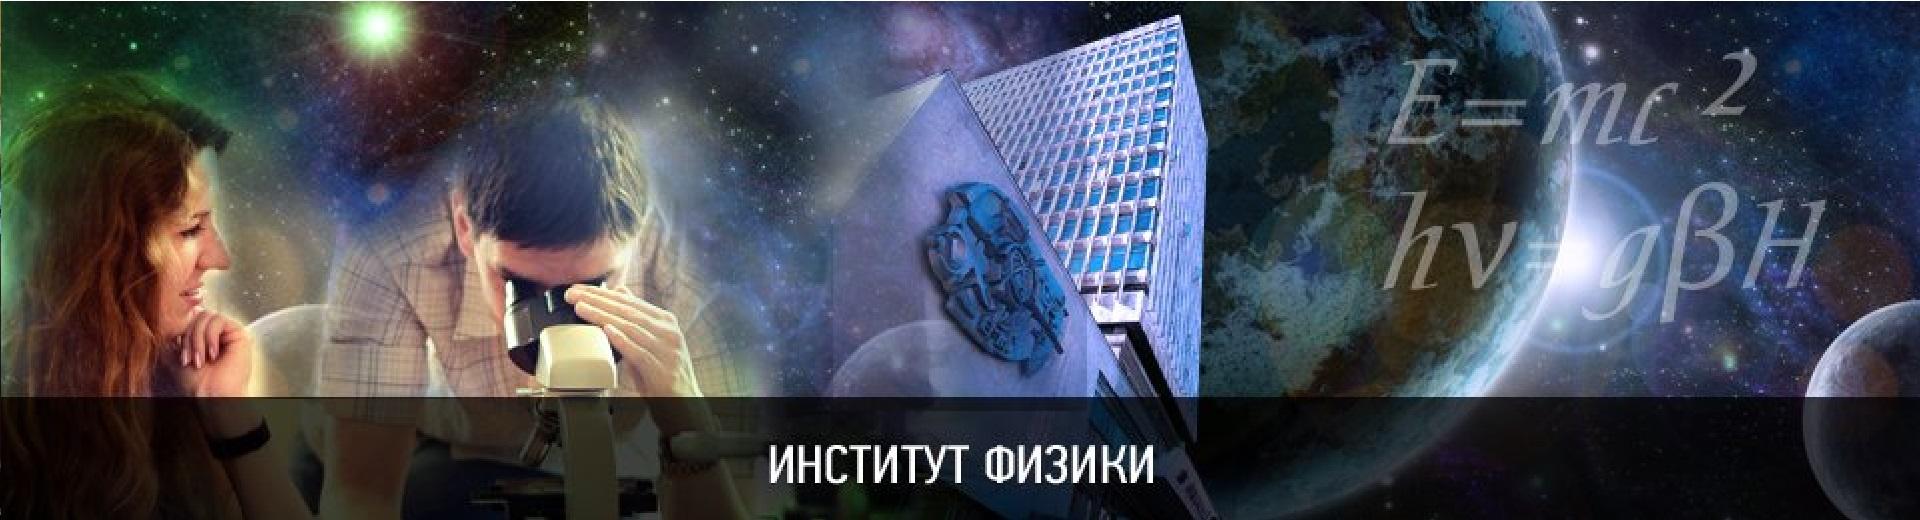 Портал КФУ \ Образование \ Институт физики \ Студентам \ Студенческая жизнь